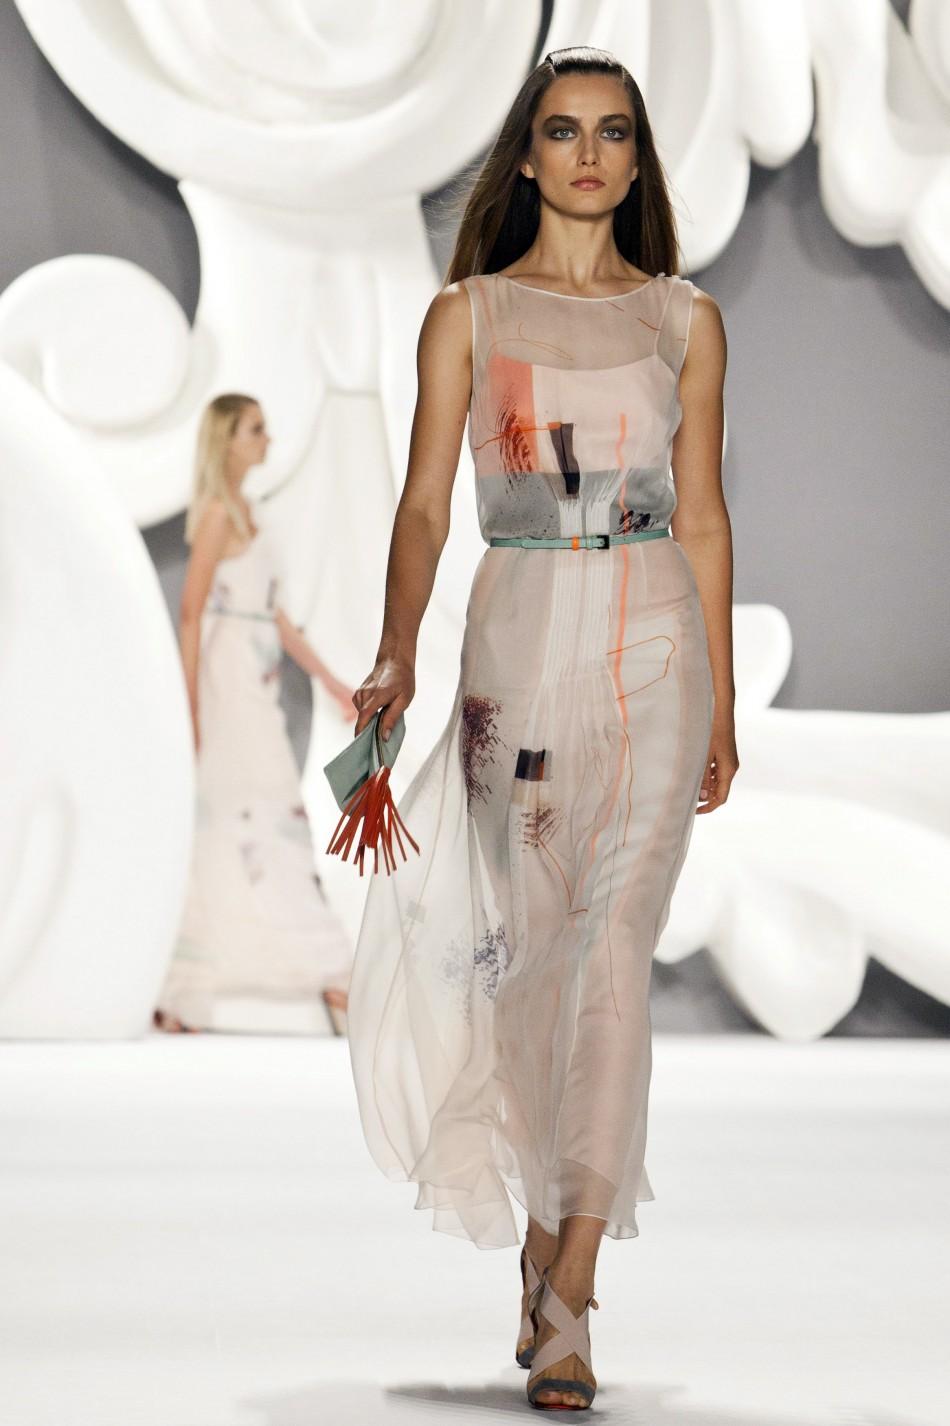 Fashion Point New York Fashion Week 2013